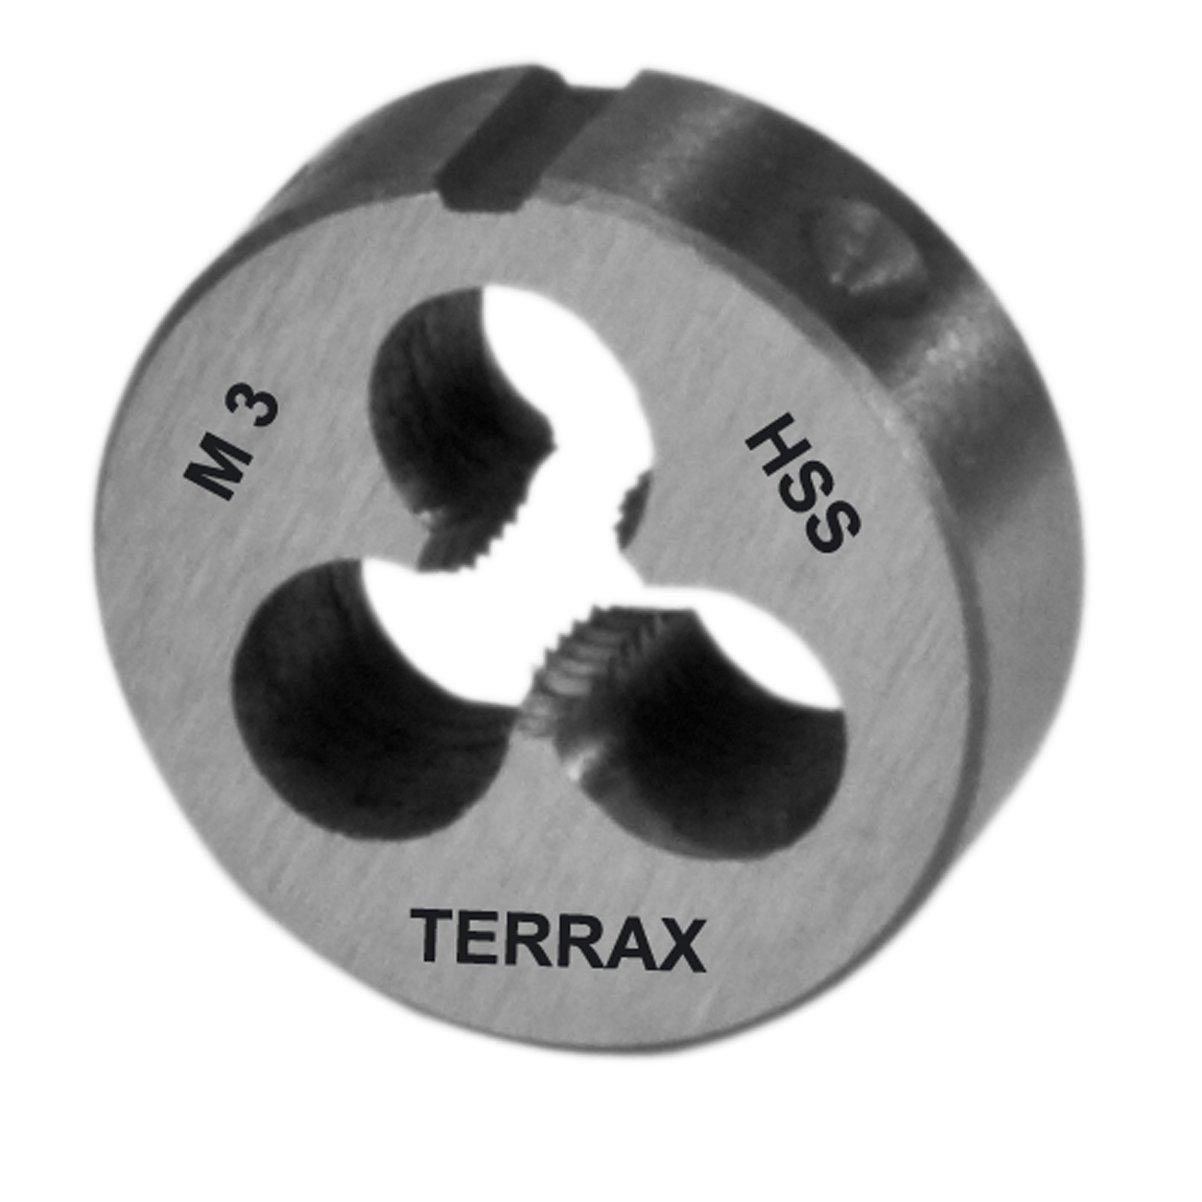 TERRAX by RUKO Schneideisen DIN 22568 Geschliffen M3